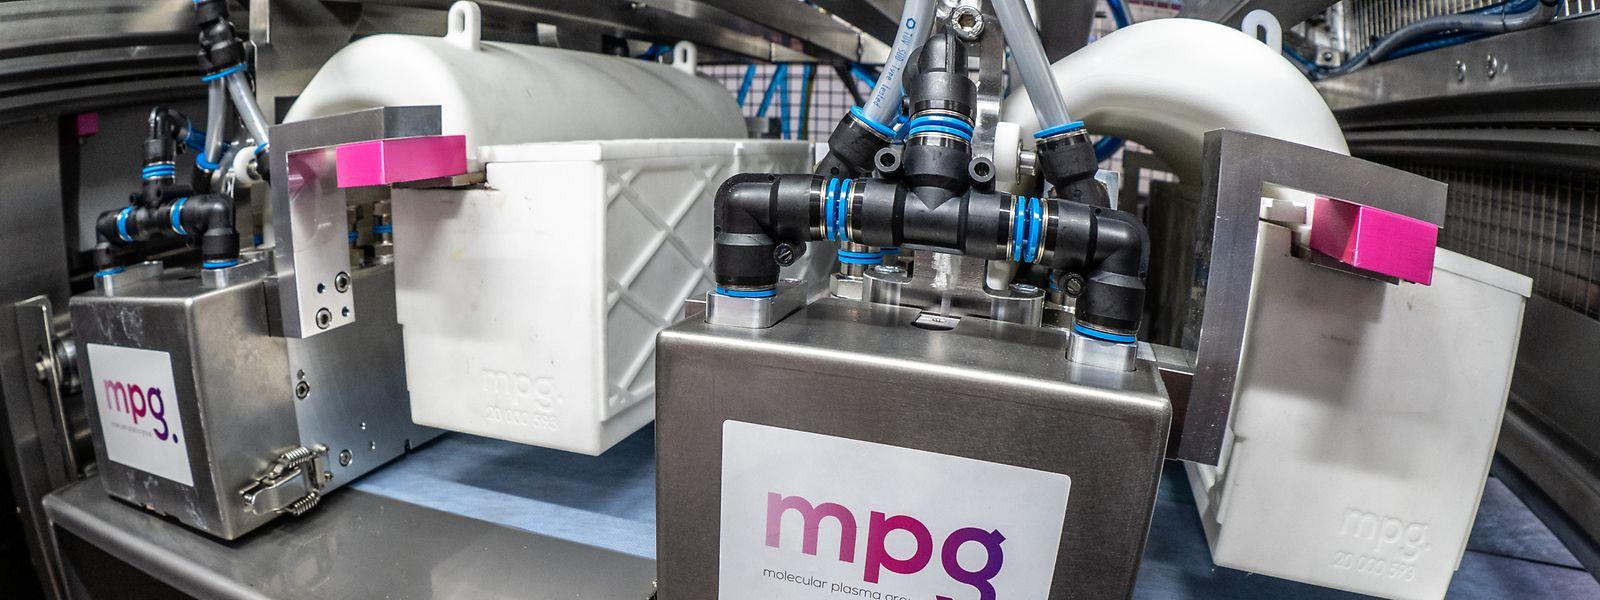 Molecular Plasma Group a pu compter sur des aides d'Etat dans le cadre des soutiens apportés aux start-up innovantes dans la lutte contre l'épidémie covid-19.